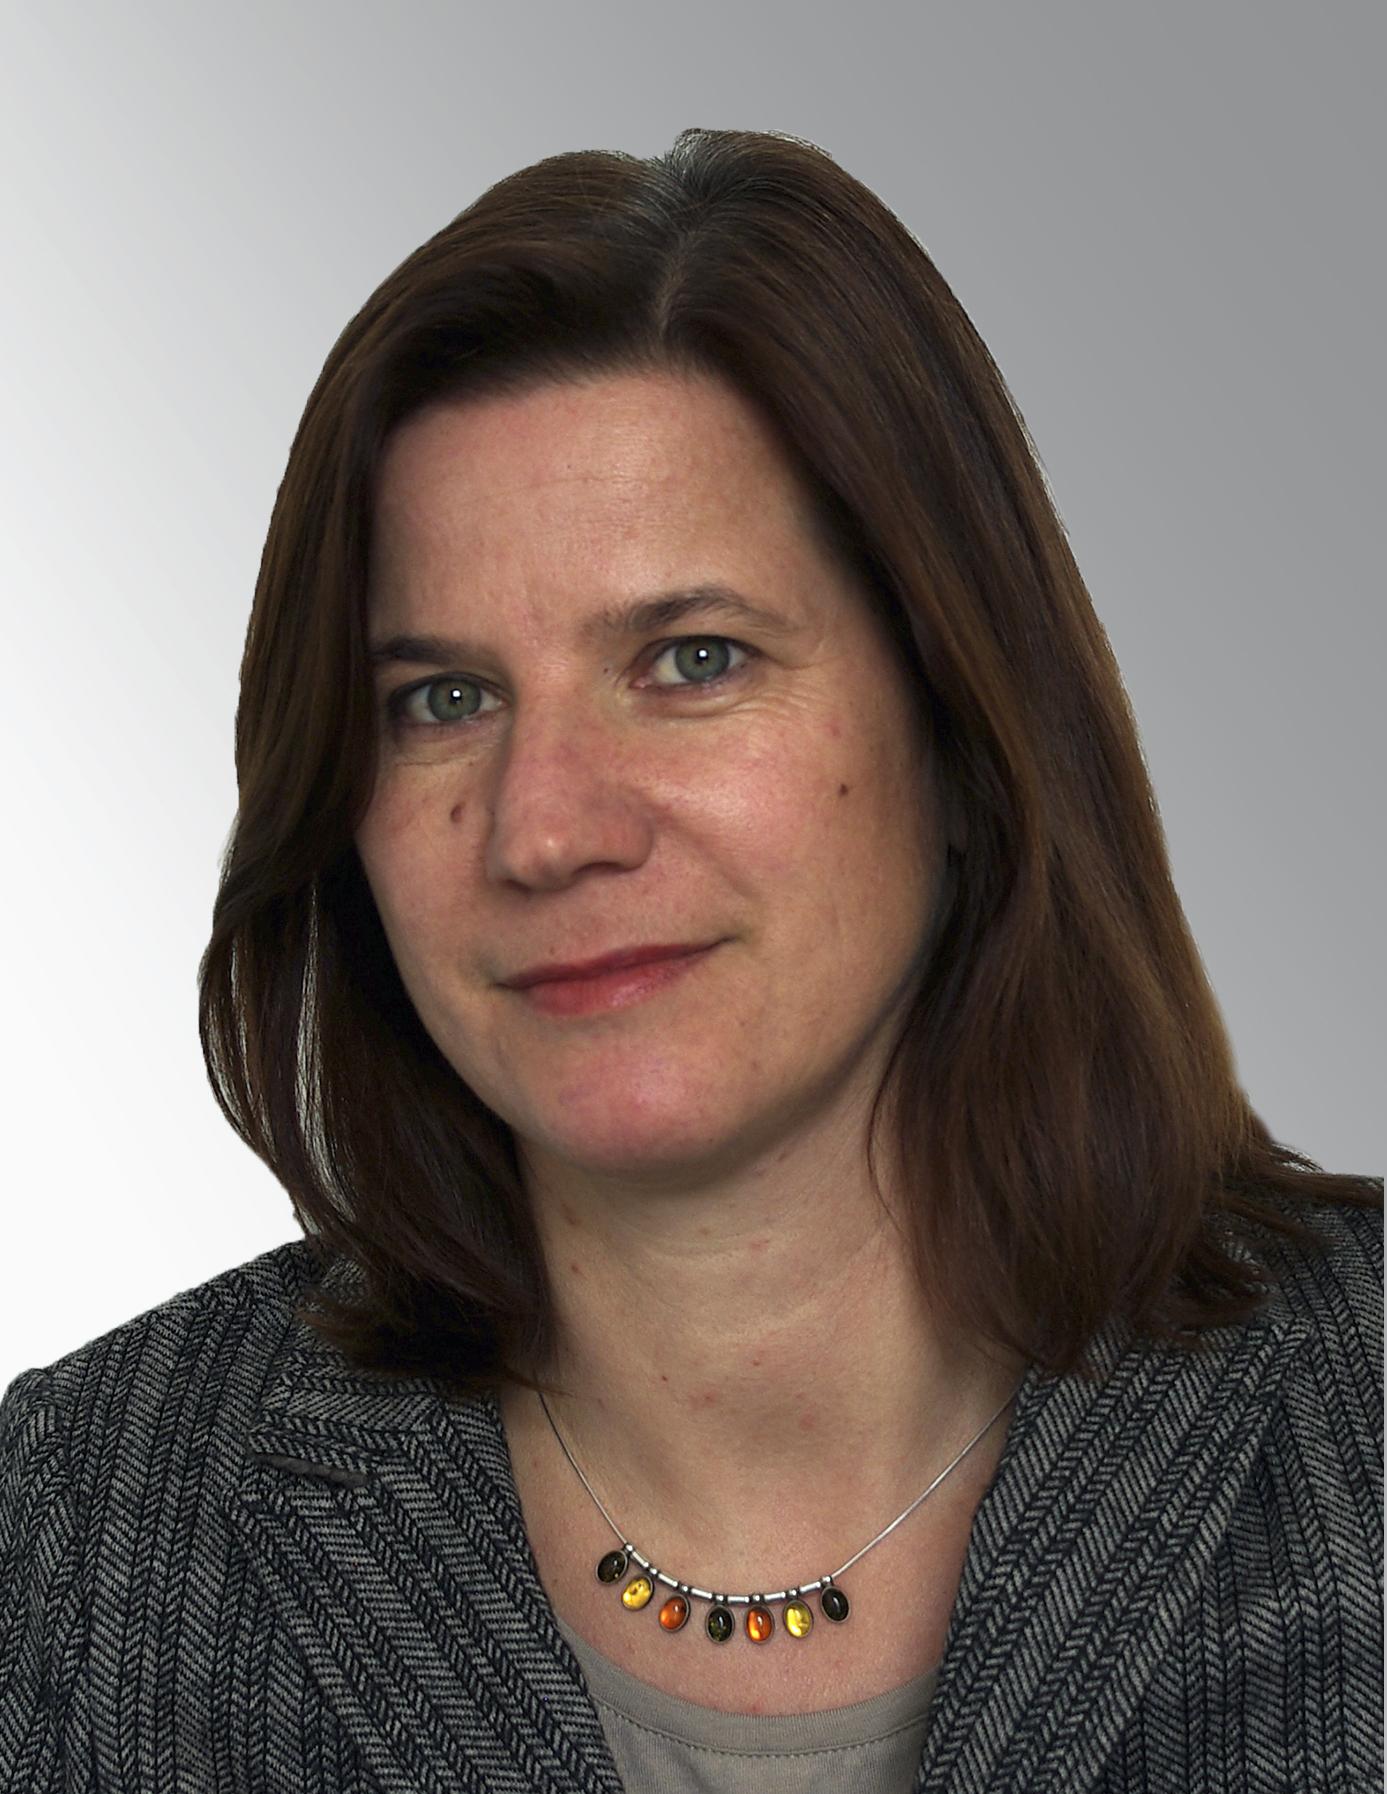 Frau Kopsch